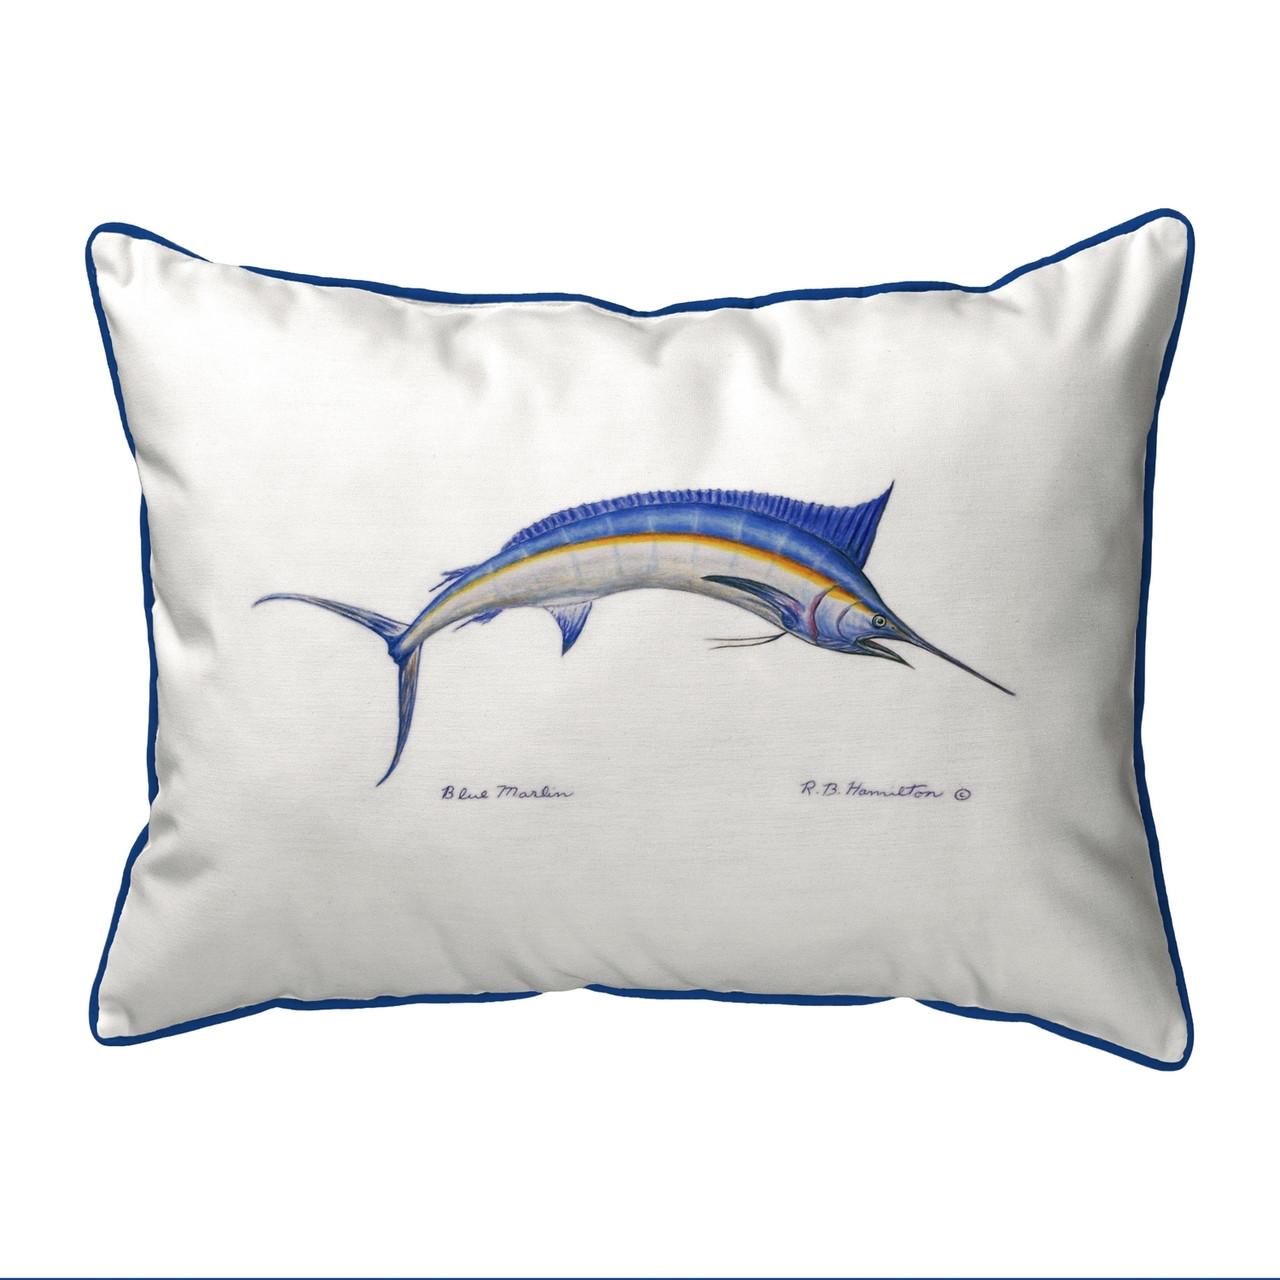 Blue Marlin Pillow